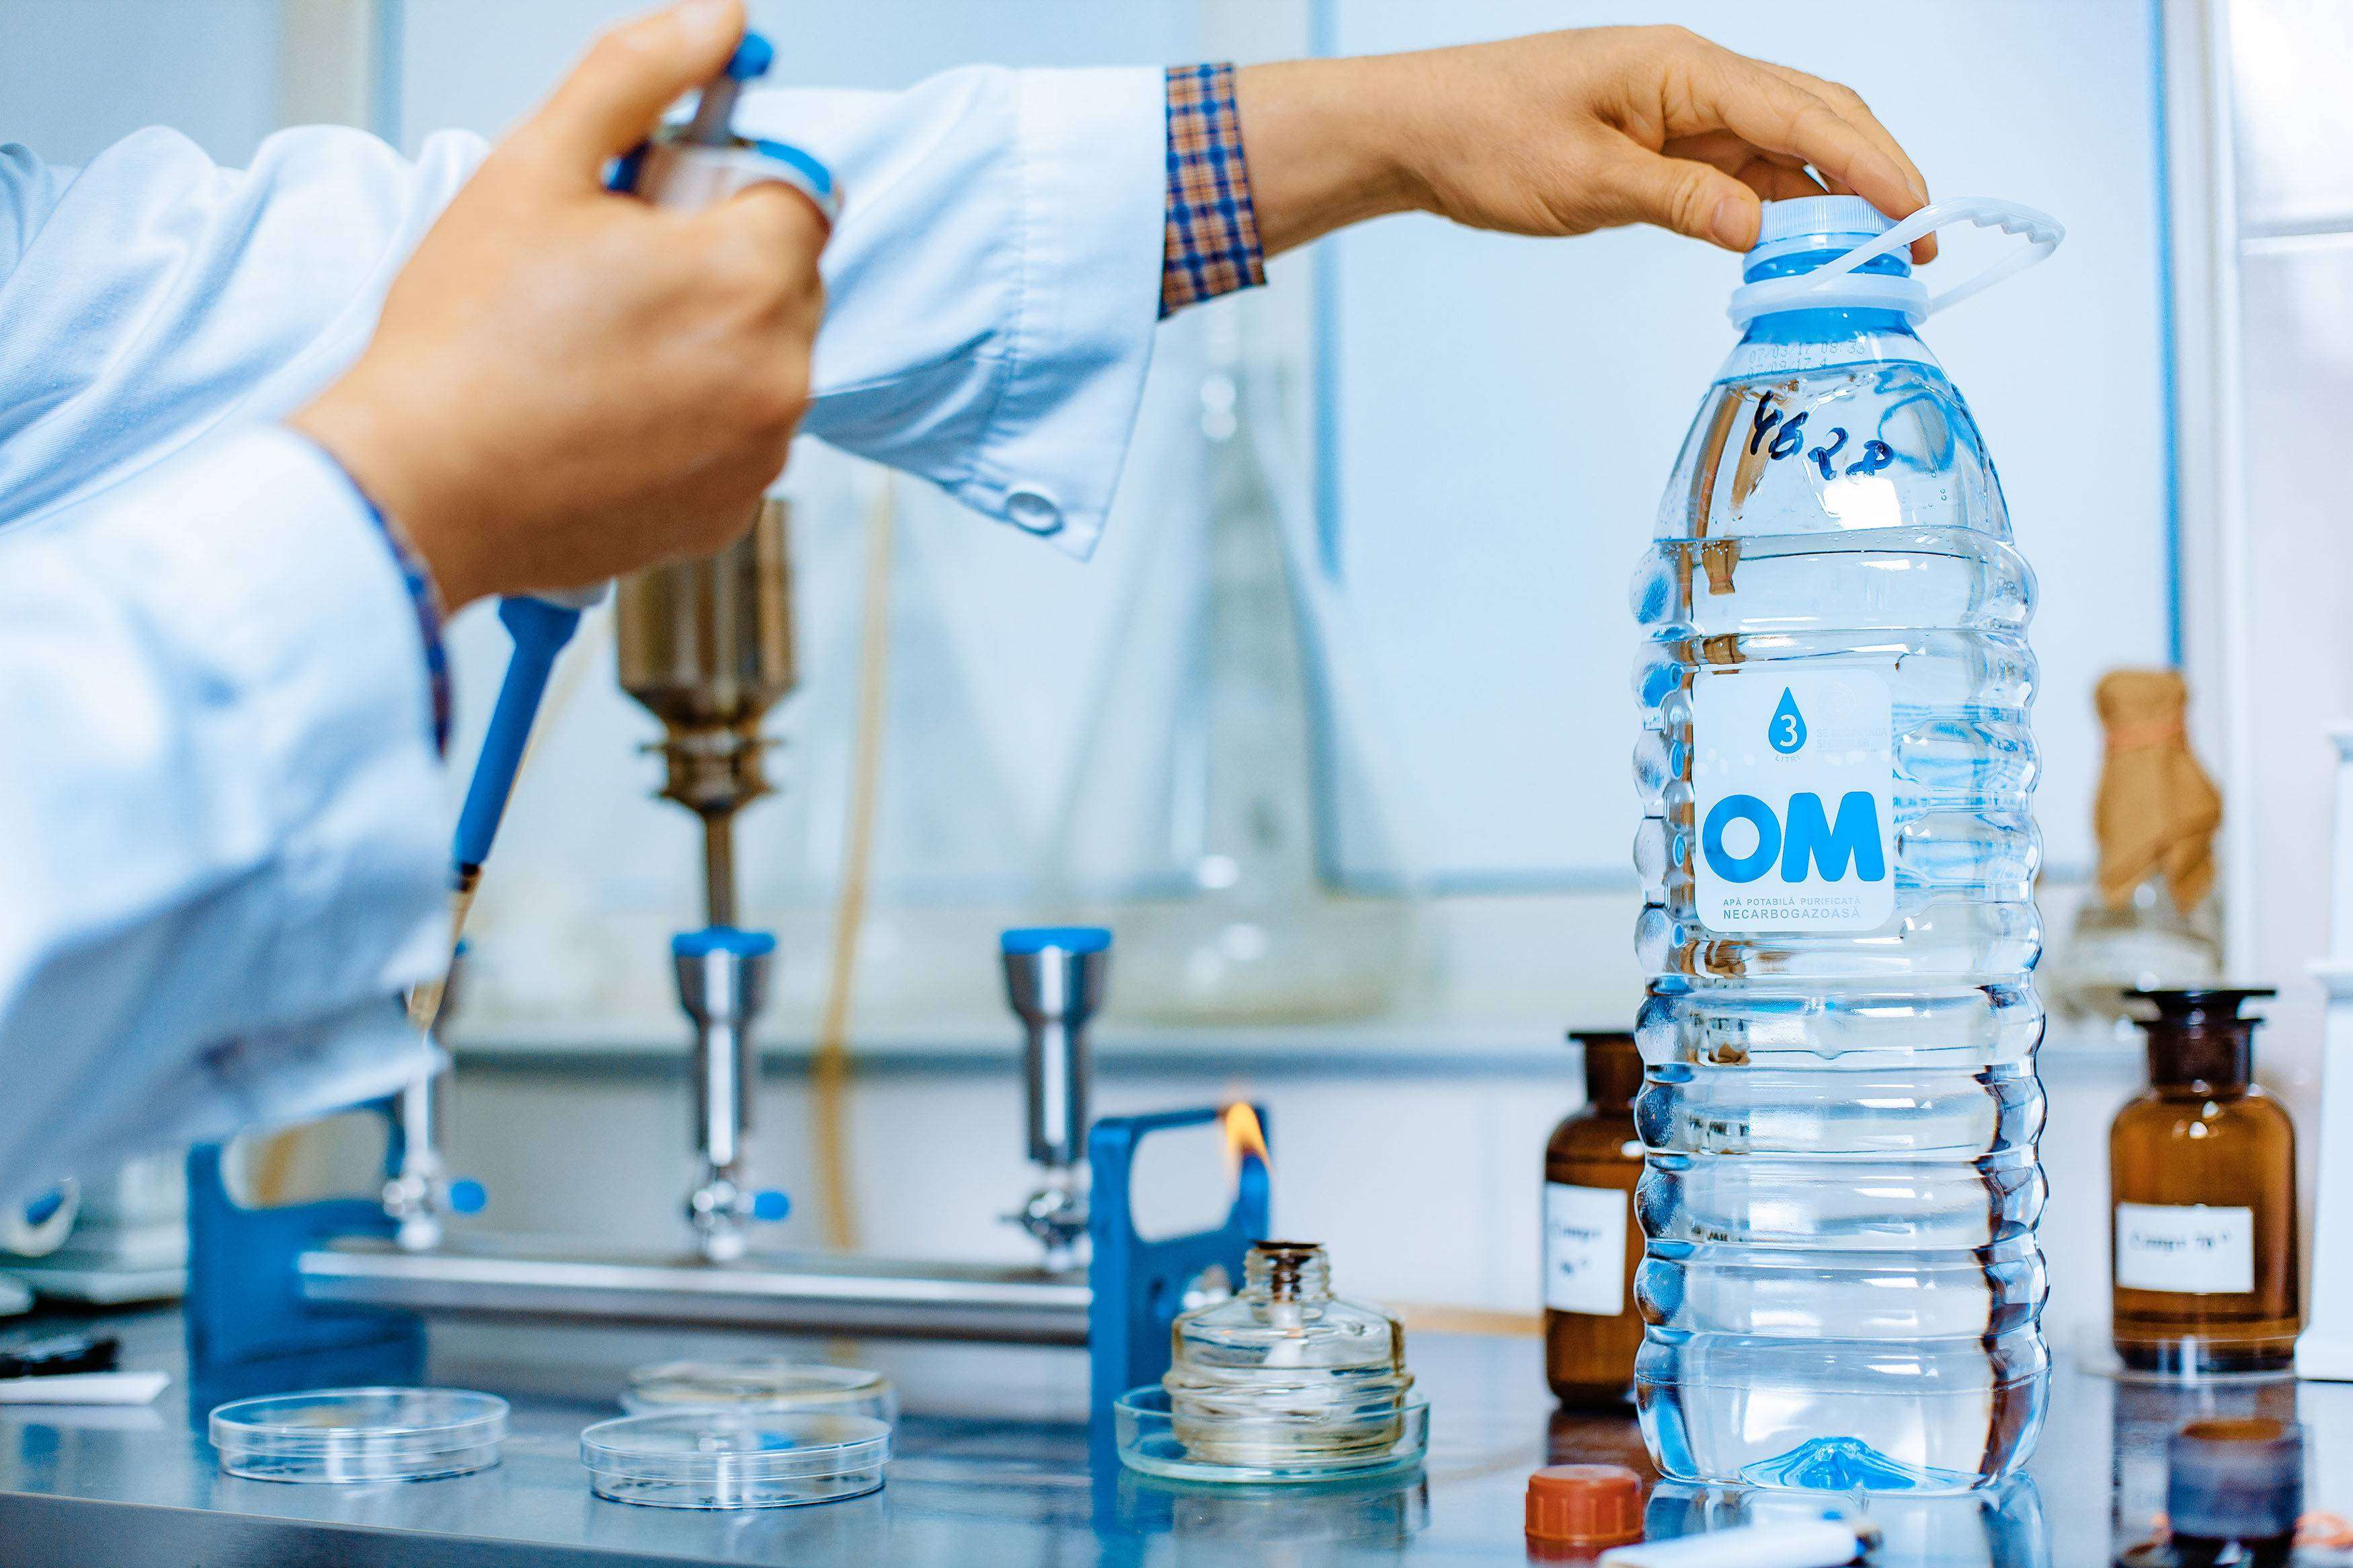 лабораторное исследование качества воды